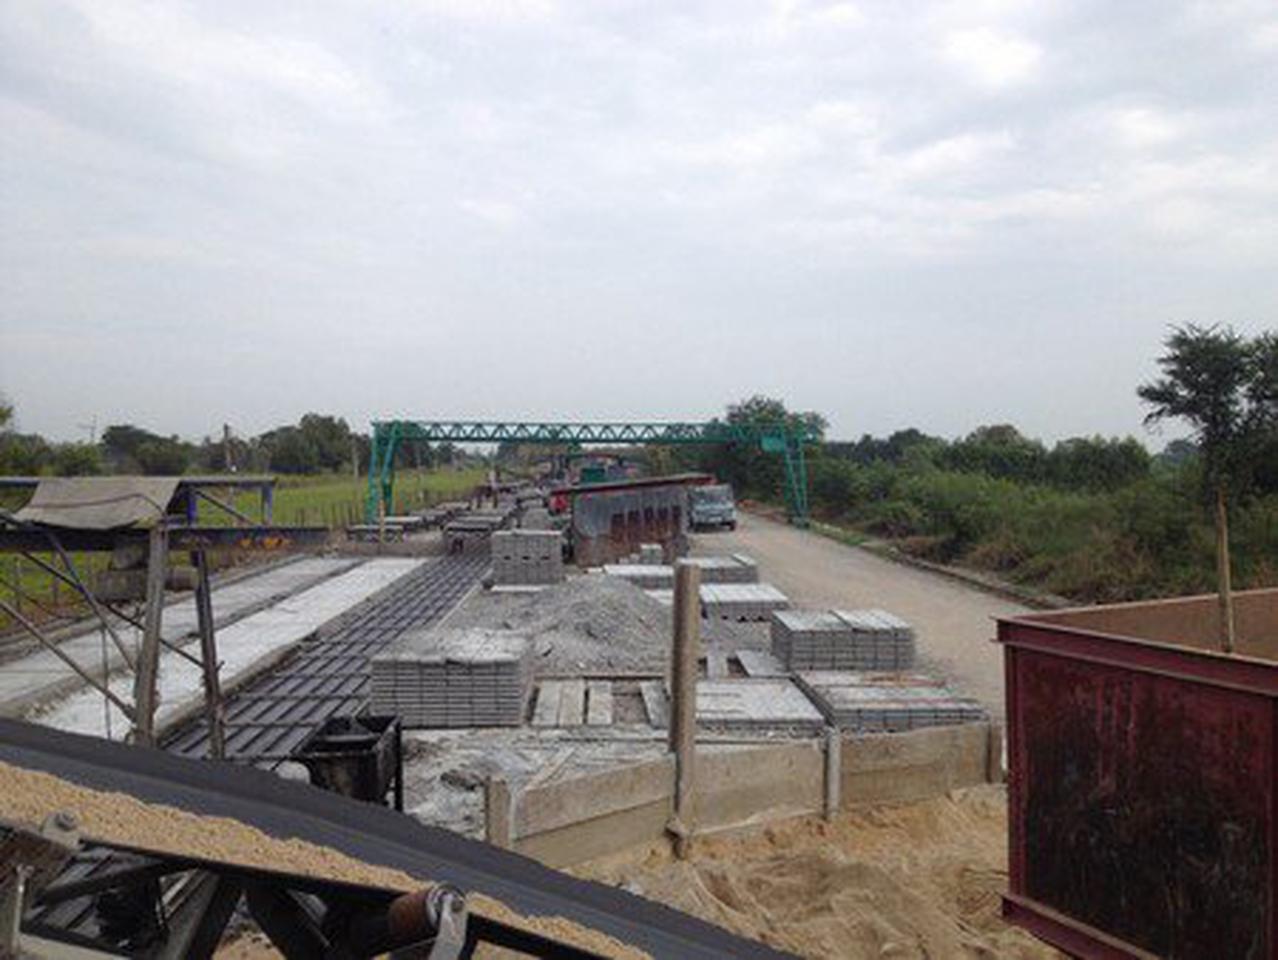 ขายกิจการพร้อมโรงงานผลิตเสาเข็ม แผ่นพื้นสำเร็จอื่นๆ จ.ปทุมธานี  รูปที่ 2